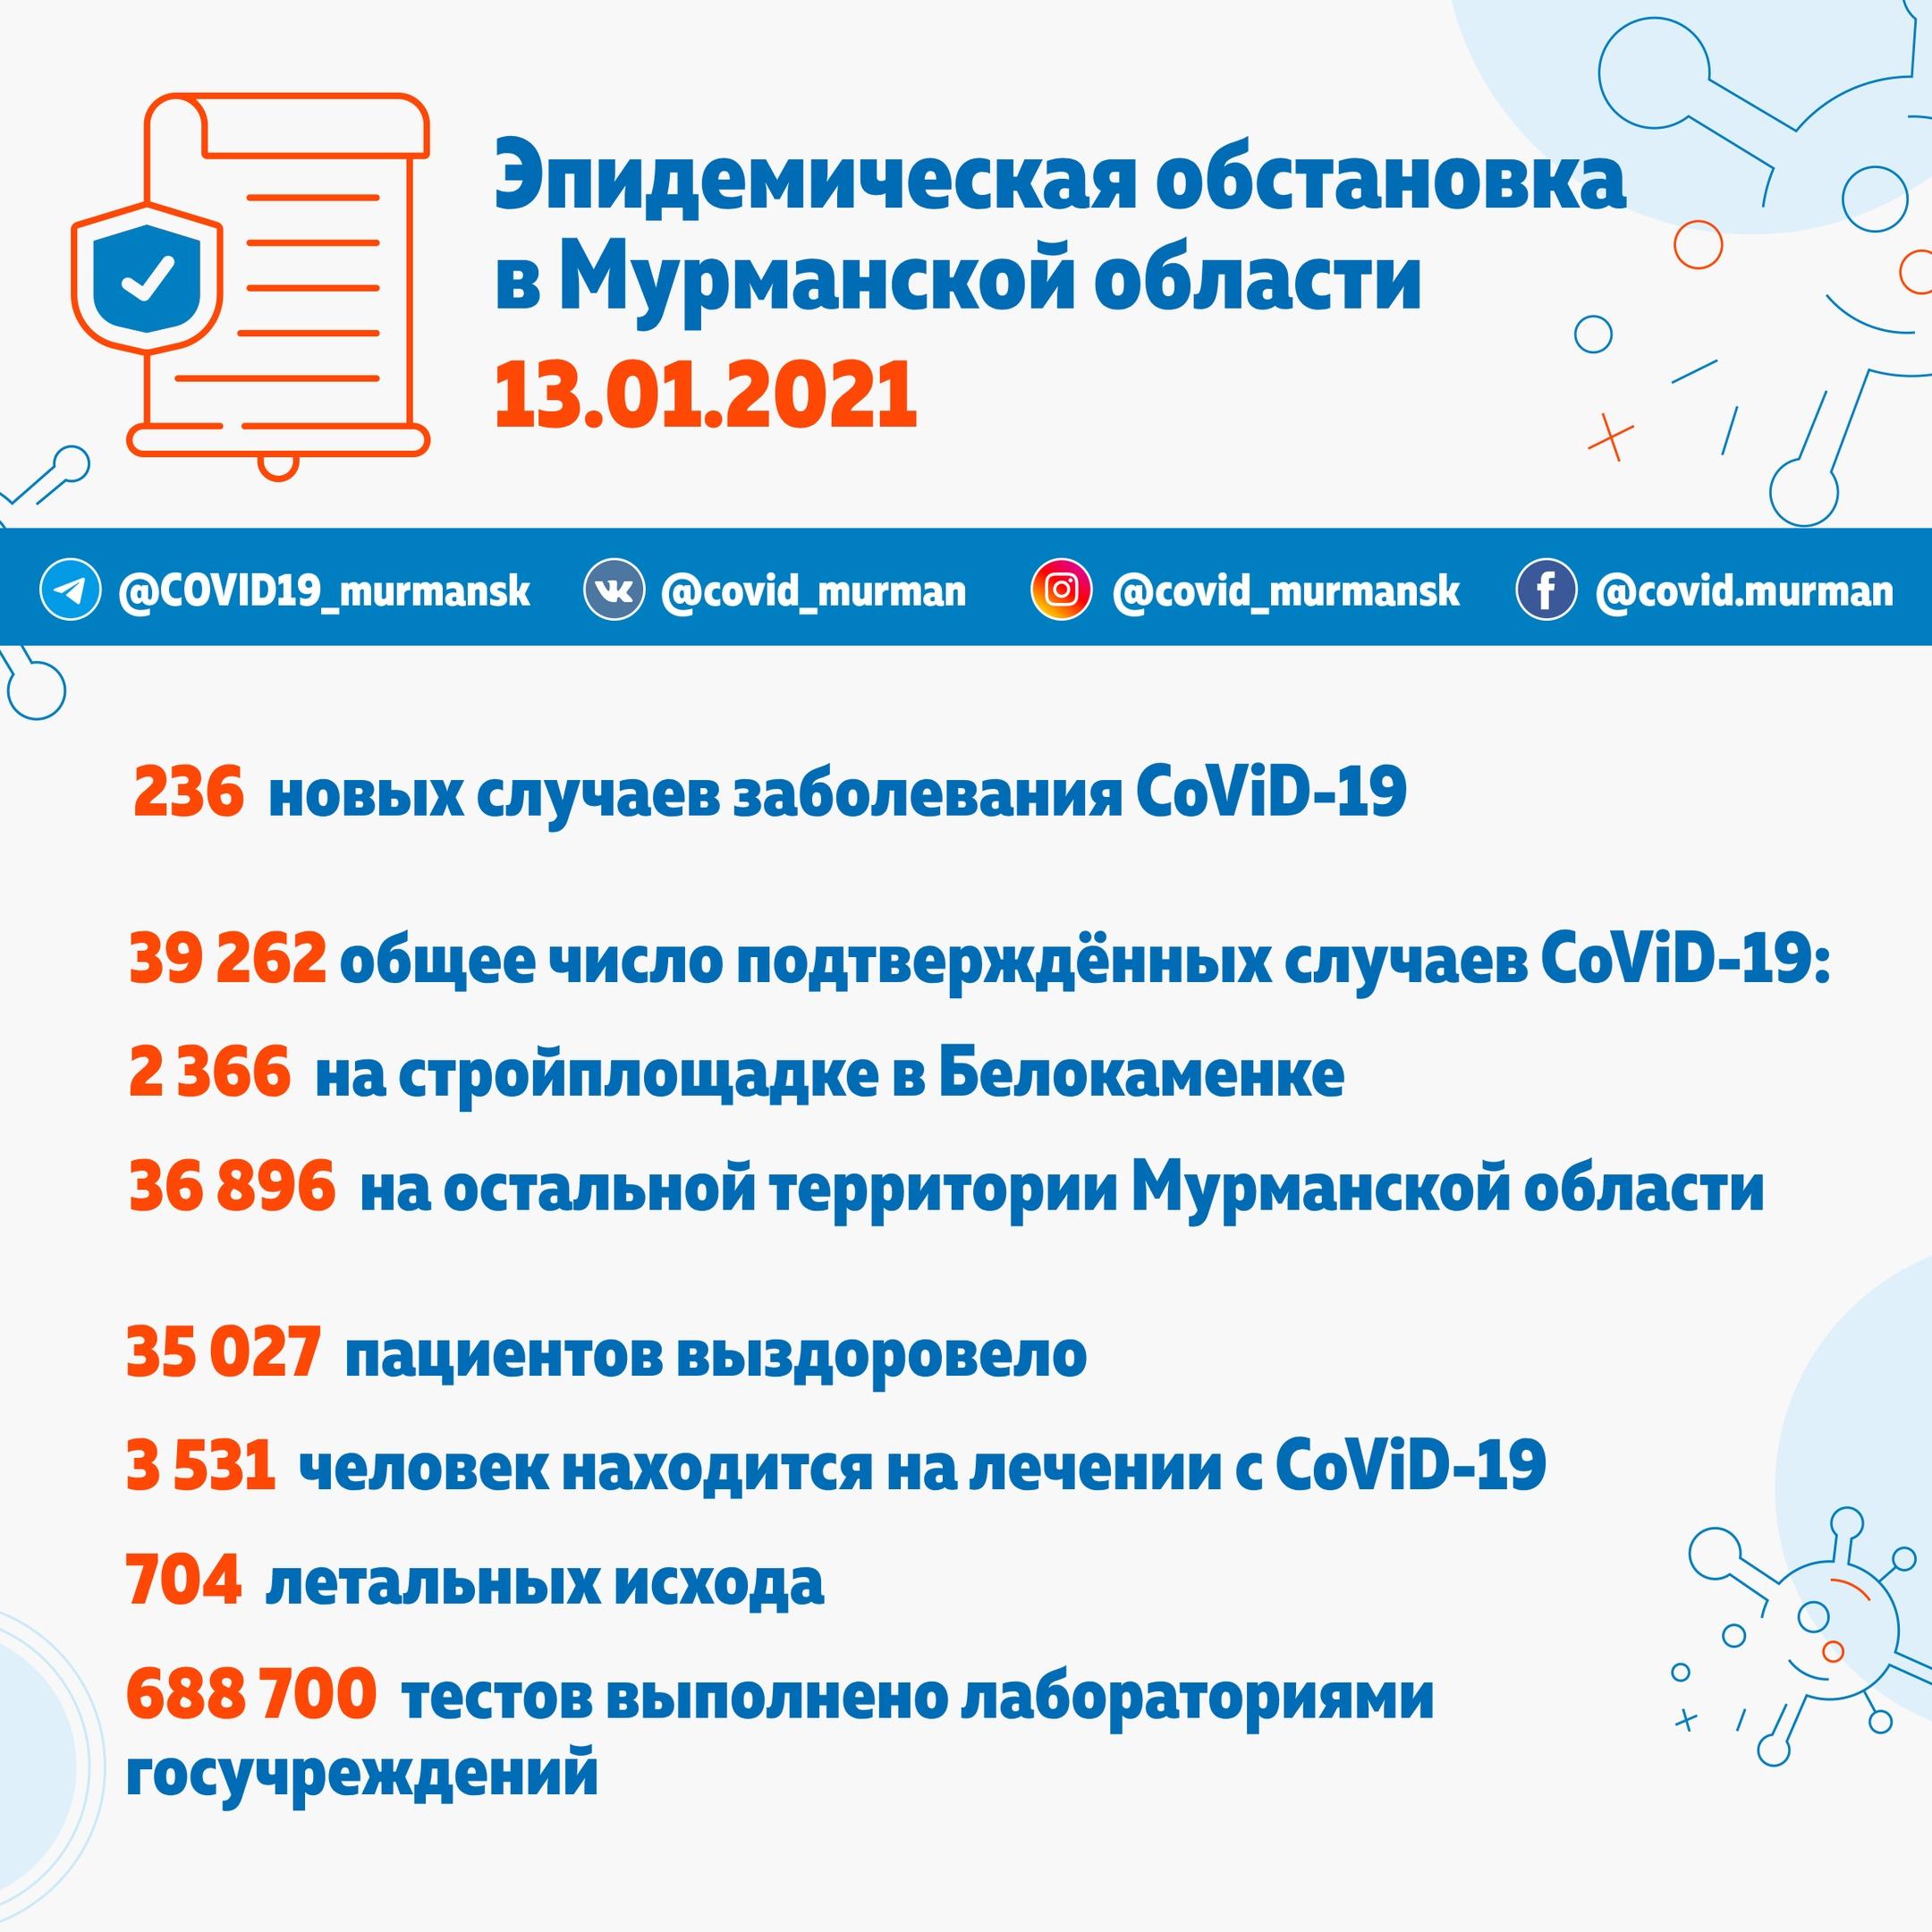 Эпидемиологическая обстановка в Мурманской области 13 января